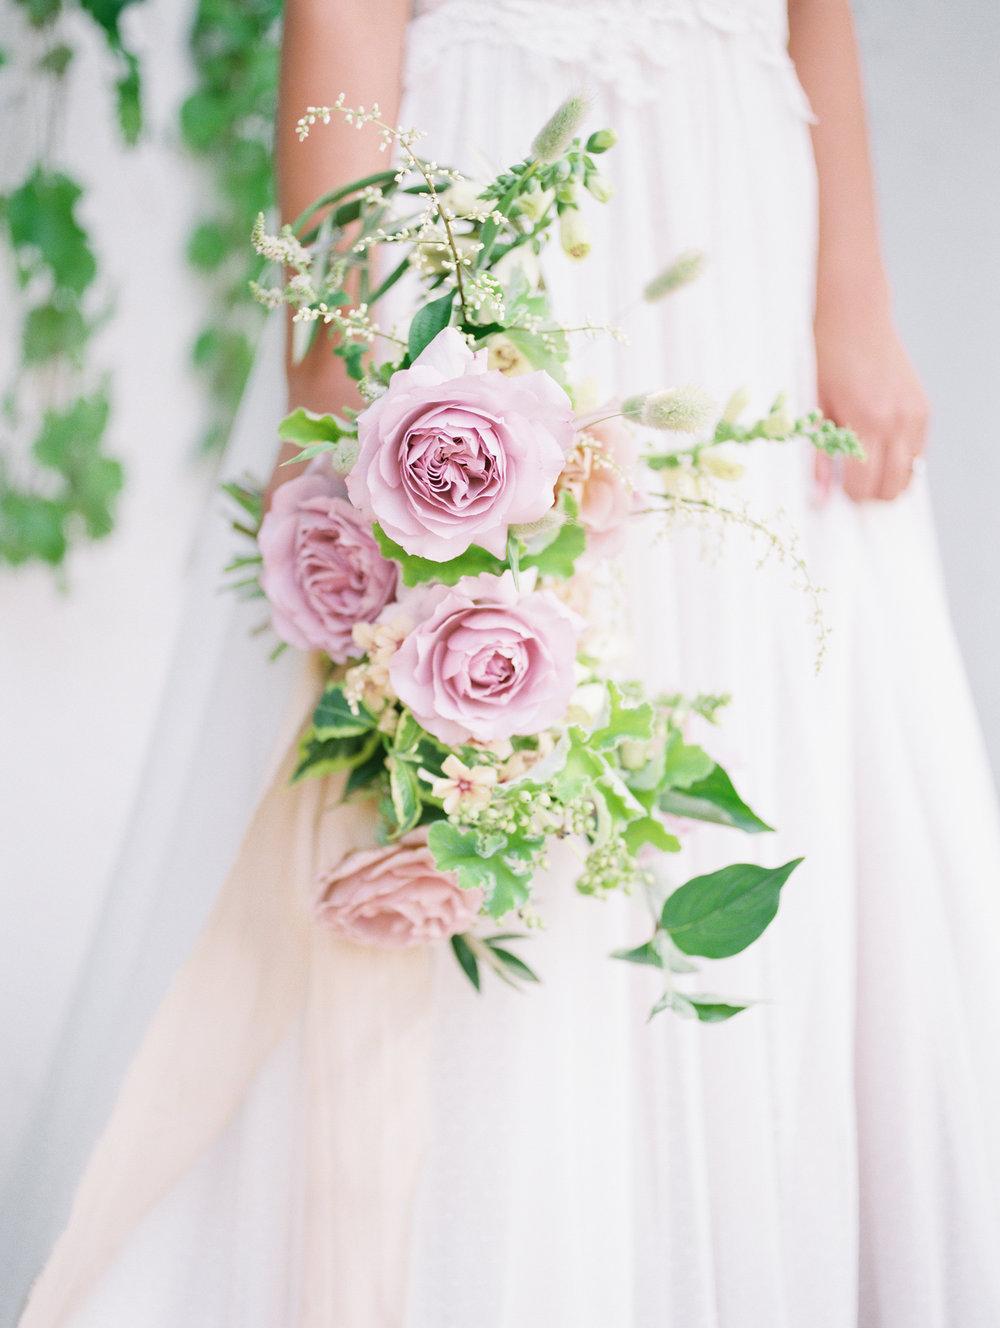 oregon wedding florist, foraged floral, lavender garden rose bridal bouquet for summer wedding at monet vineyards.jpg